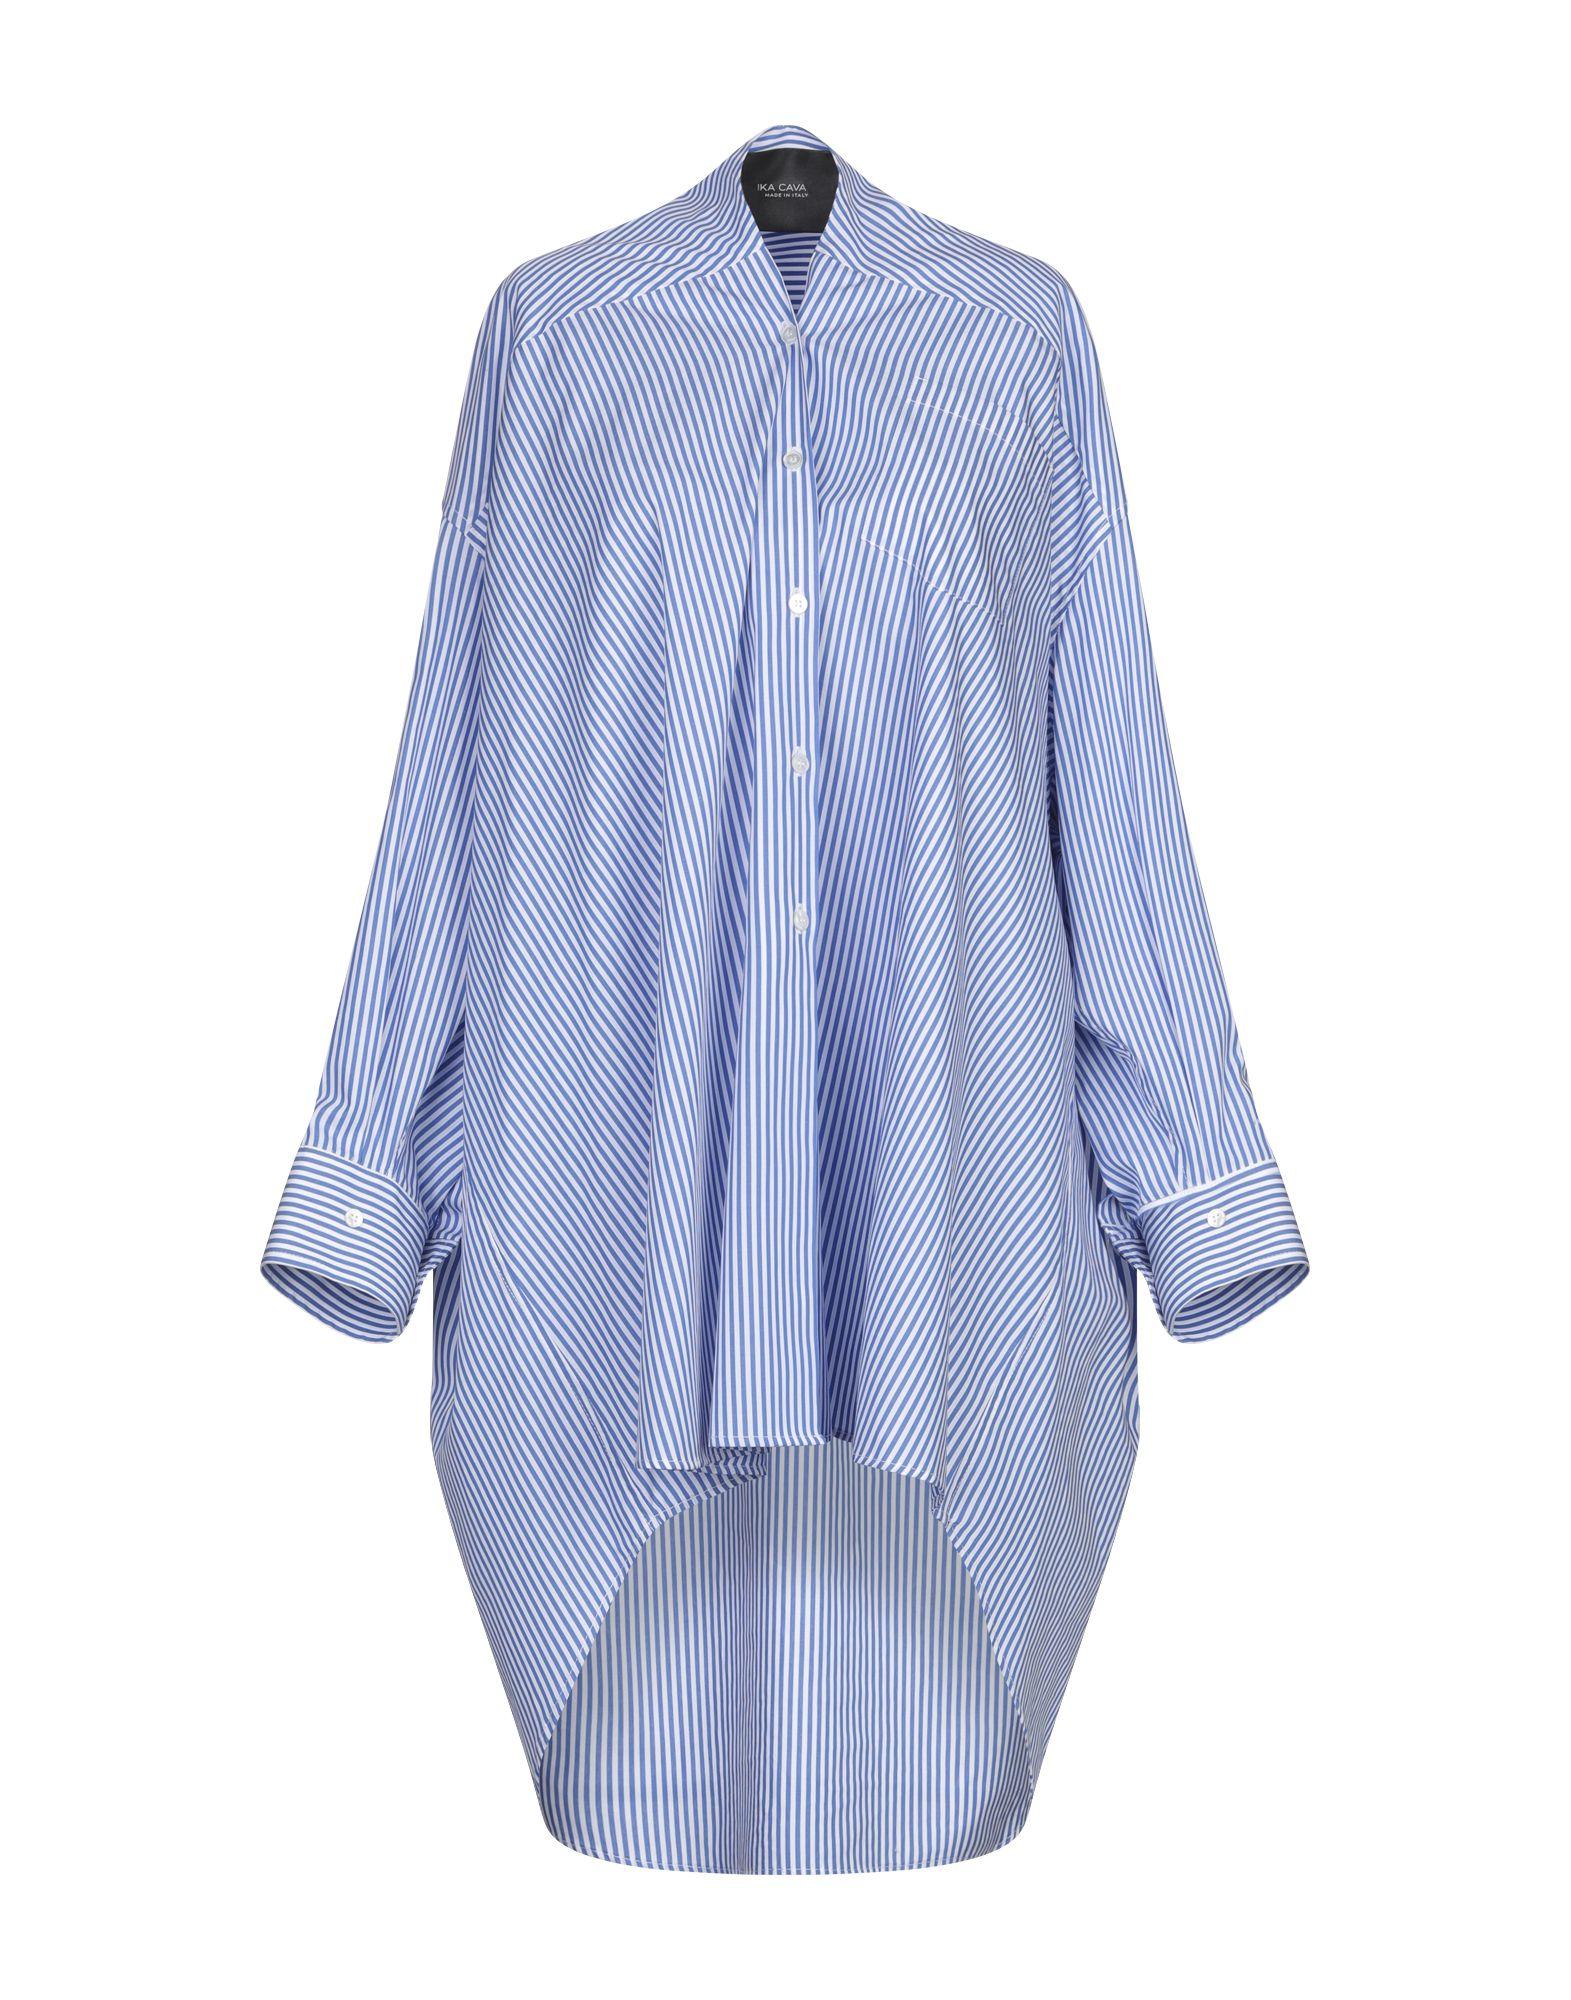 Camicia Camicia Camicia A Righe Erika Cavallini donna - 38834731LM bc8